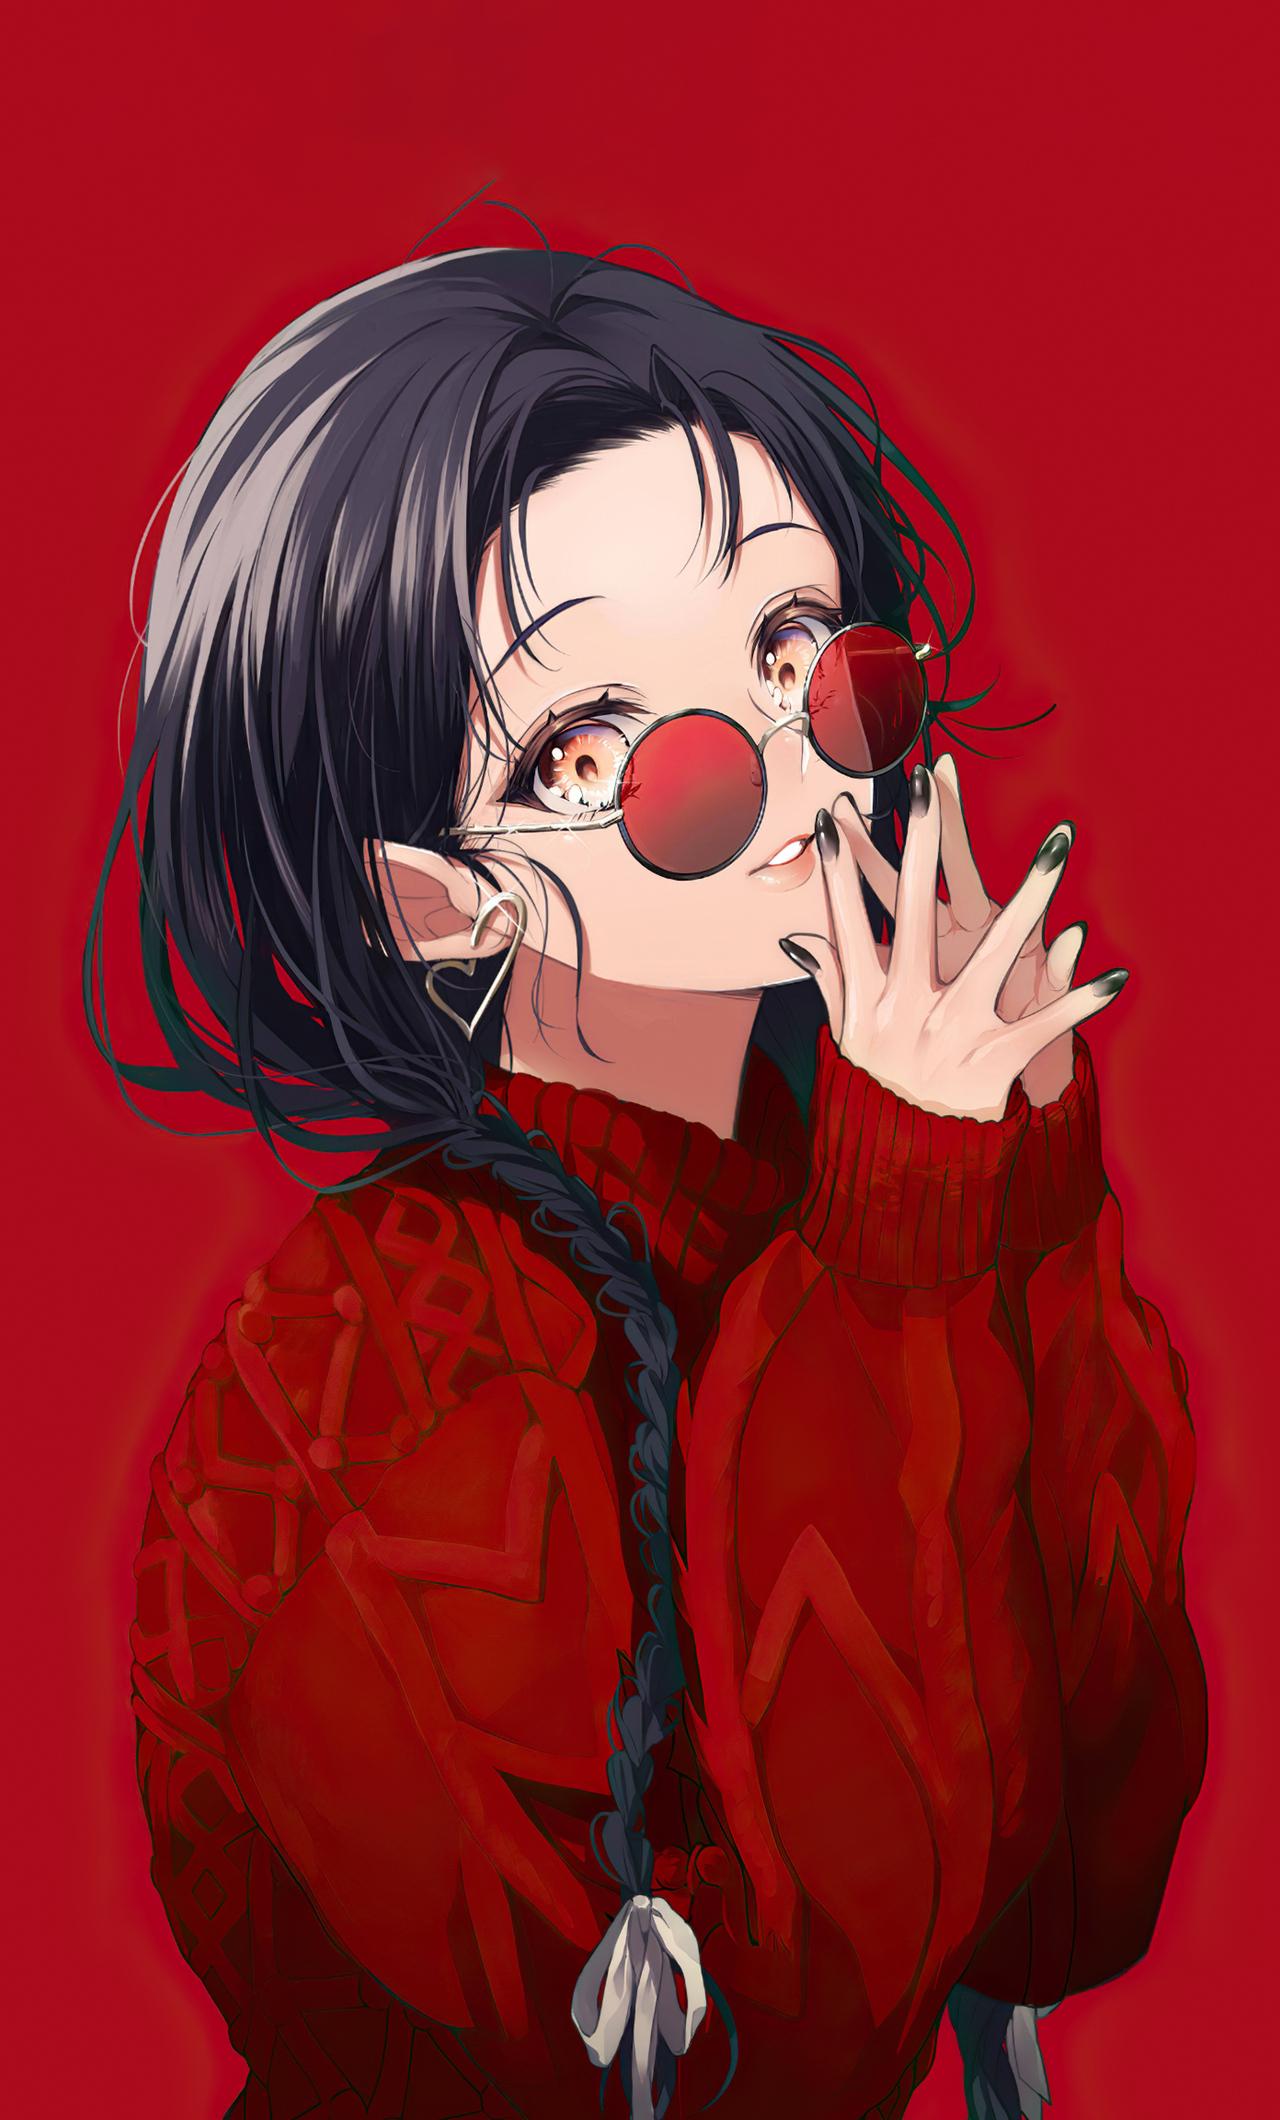 anime-girl-red-glasses-4k-64.jpg